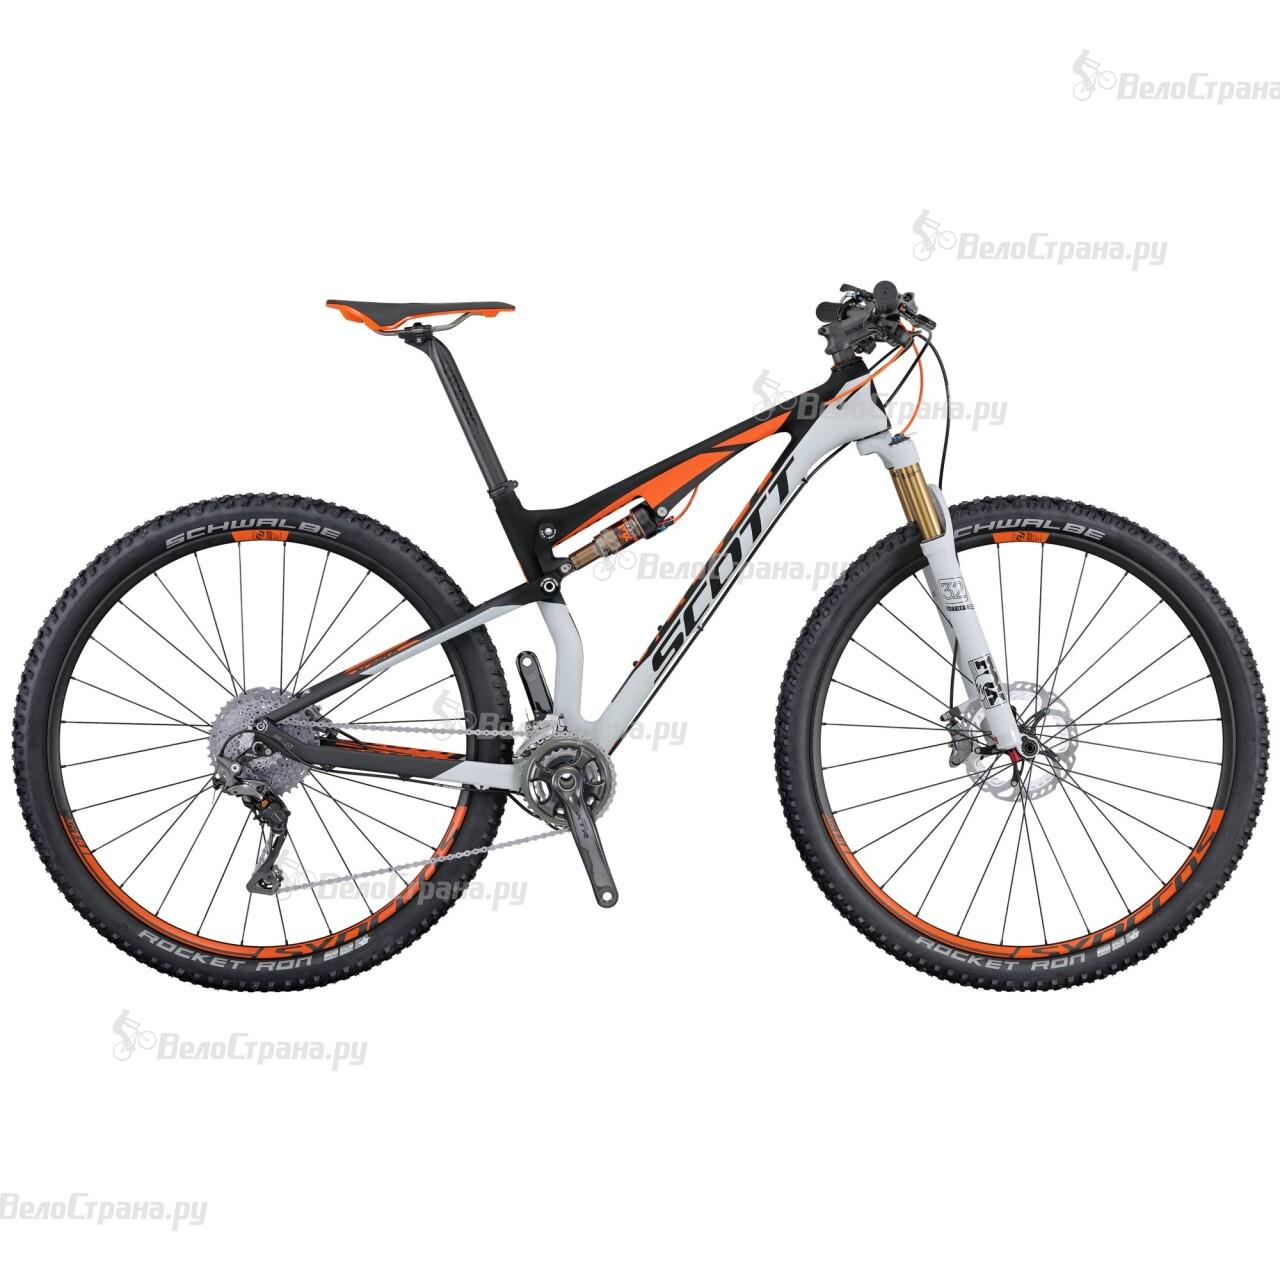 Велосипед Scott Spark 900 Premium (2016) цена